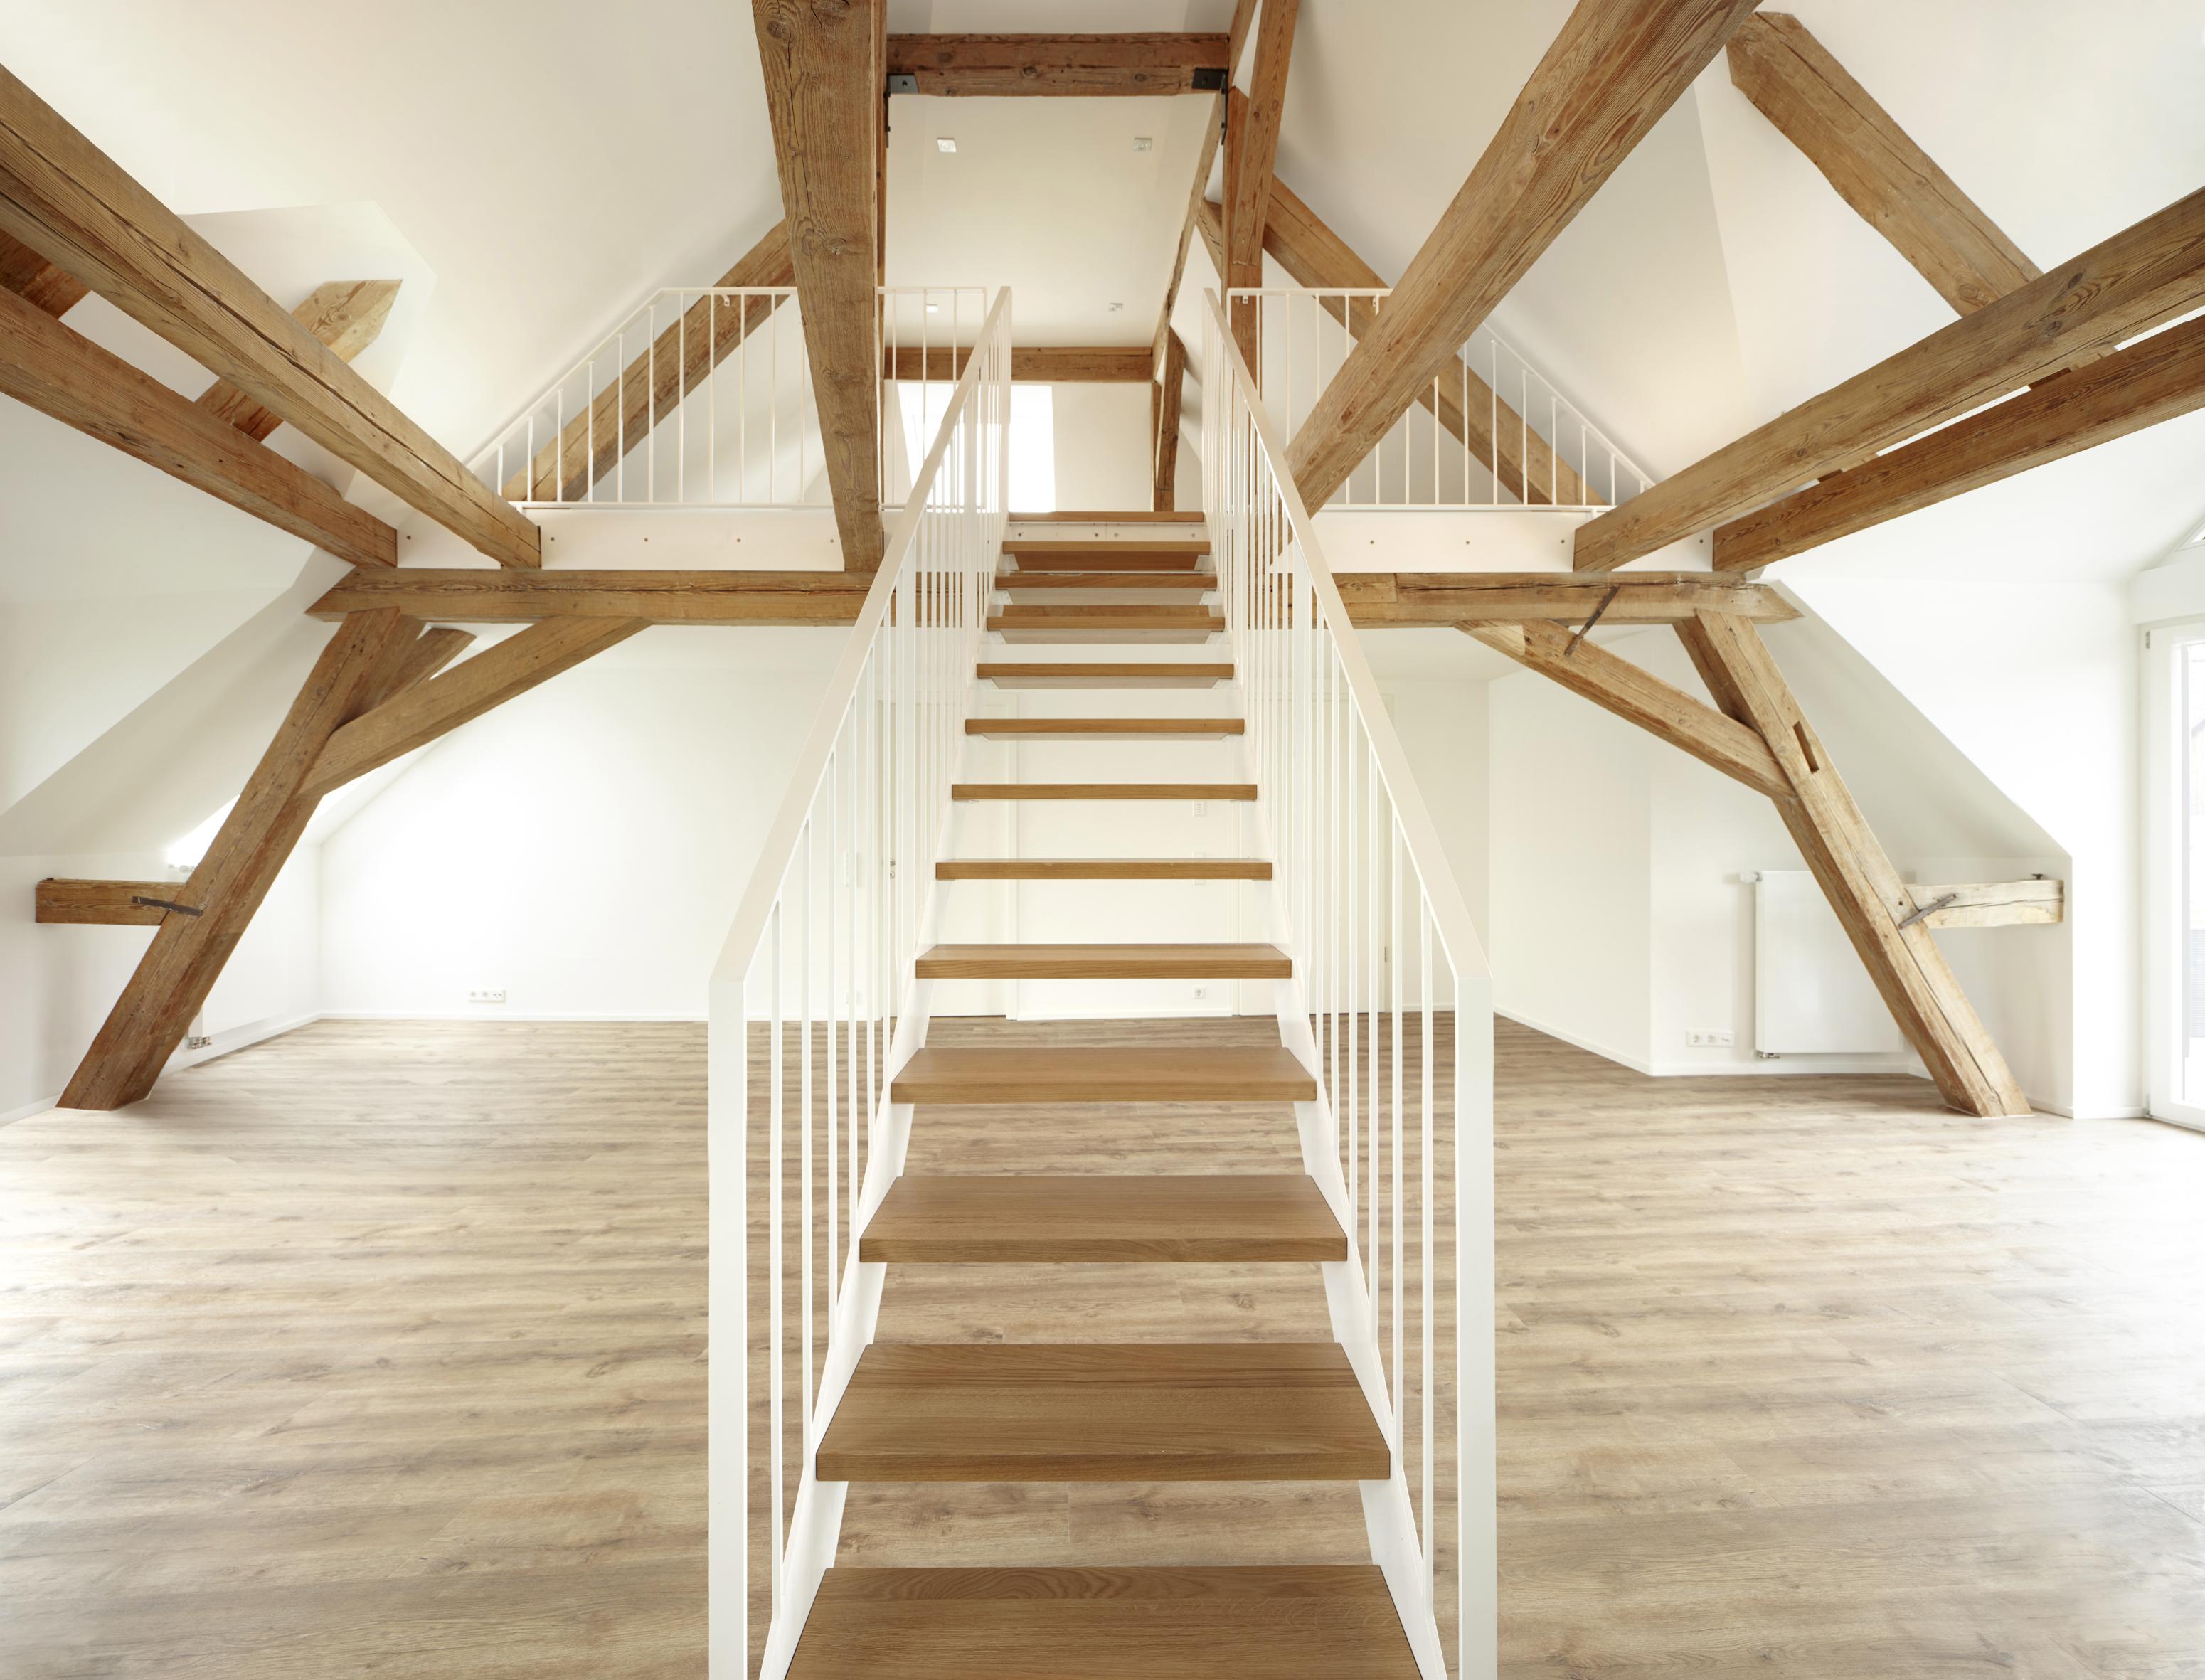 treppe zum dachboden einbauen treppe zum dachboden animation youtube dachbodentreppe bauen. Black Bedroom Furniture Sets. Home Design Ideas